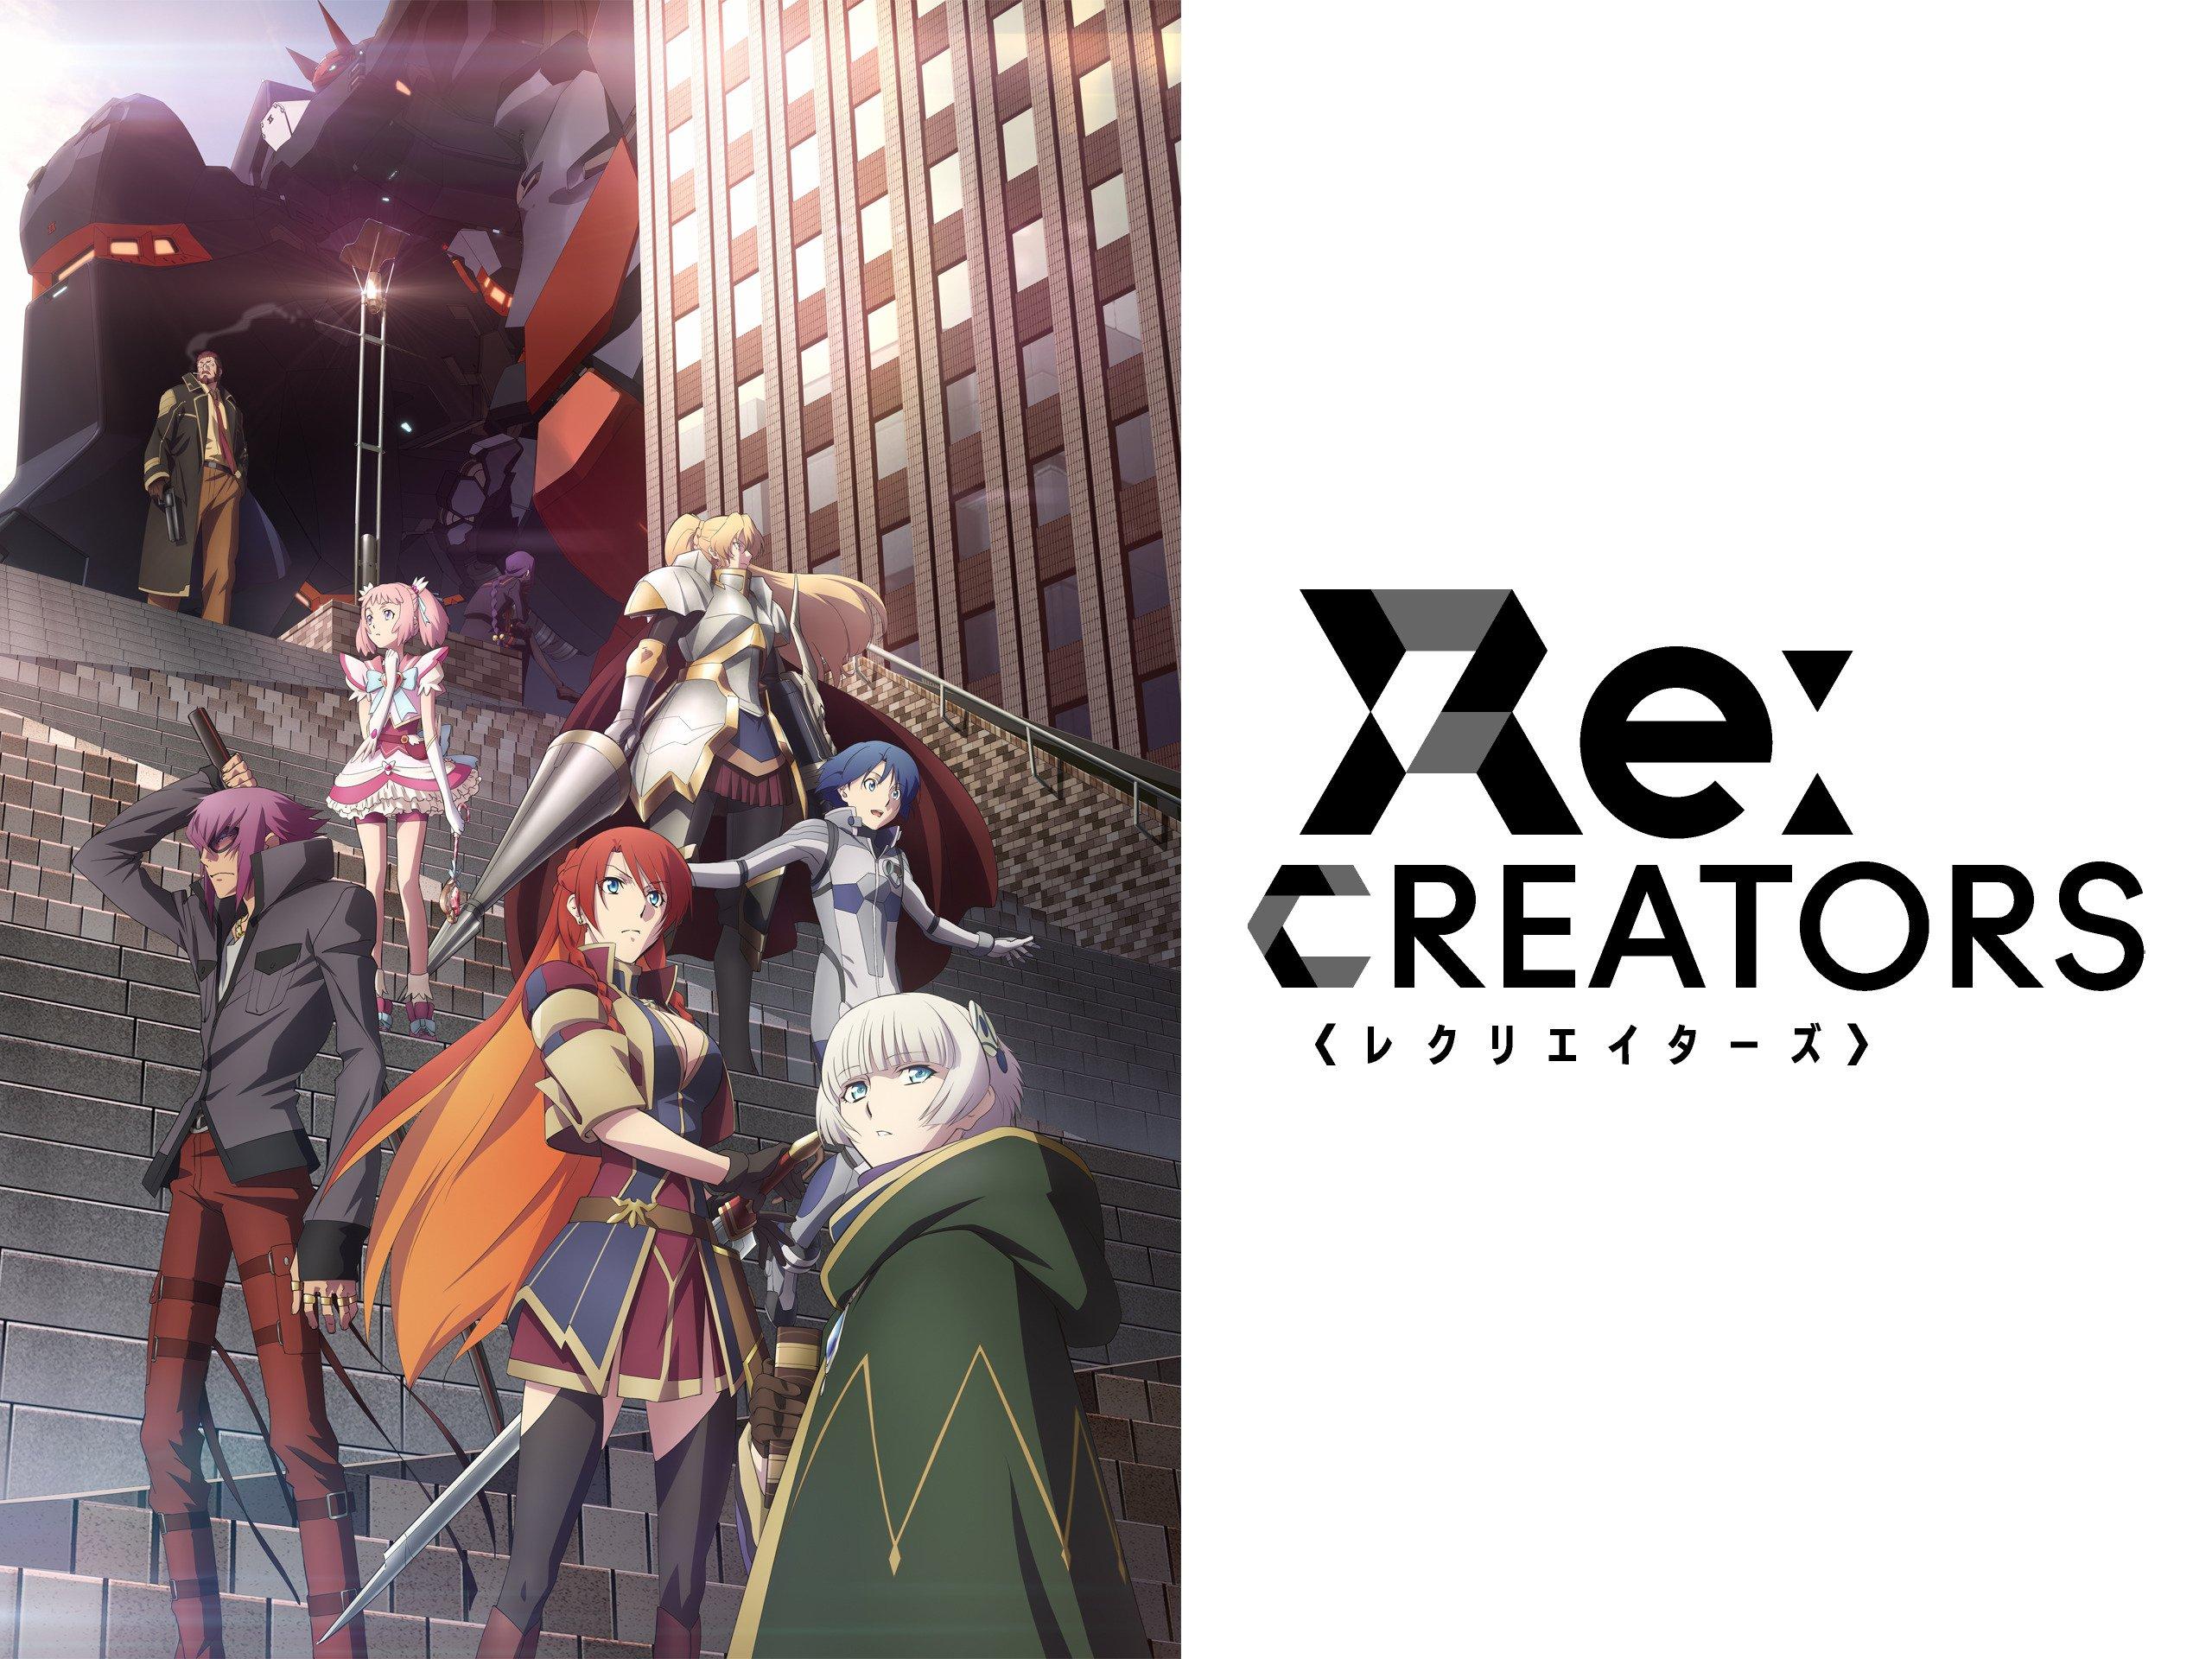 Amazon.com: Re:CREATORS: Daiki Yamashita, Mikako komatsu, Inori Minase, Yoko Hikasa, Rie Murakawa, Ei Aoki